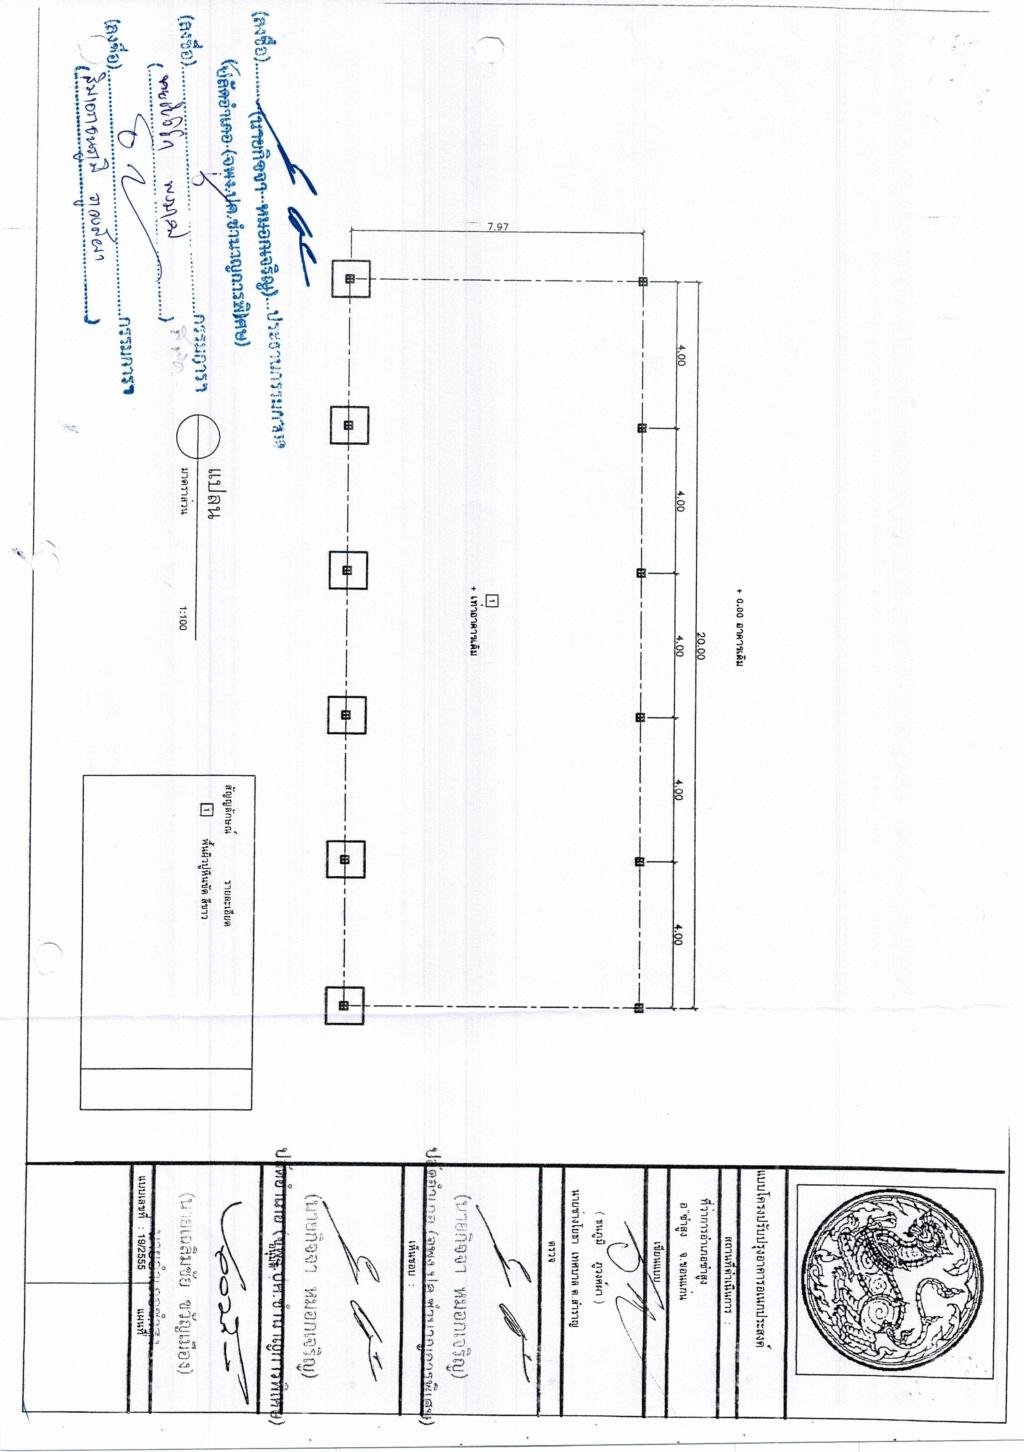 โครงการปรับปรุงอาคารหอประชุม อำเภอซำสูง จังหวัดขอนแก่น ประจำปีงบประมาณ 2563   Cci_0021